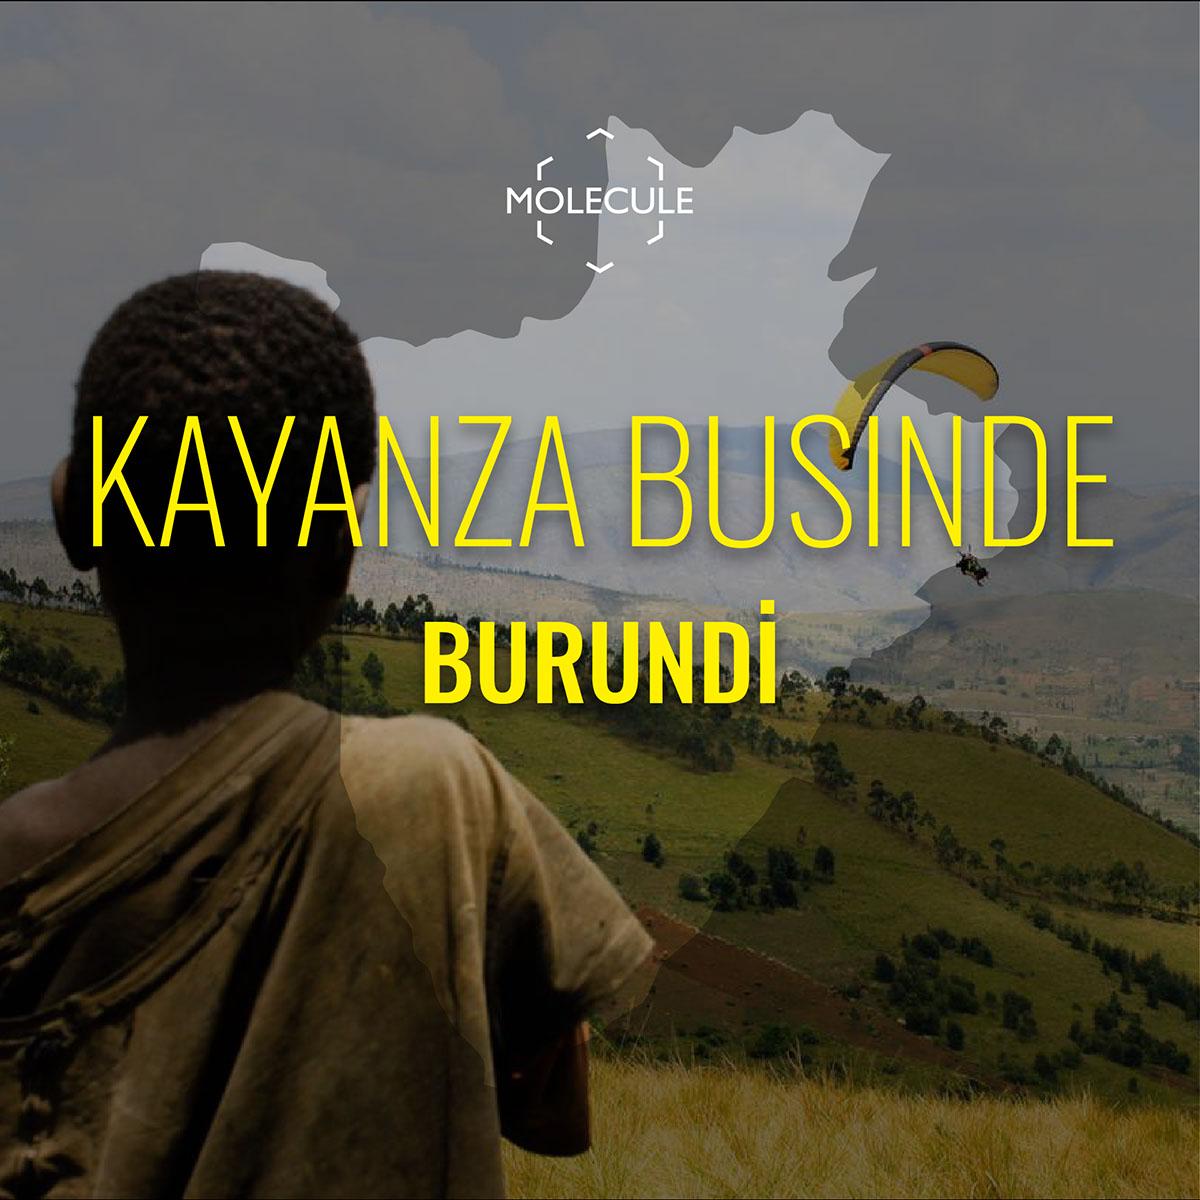 Kayanza Businde